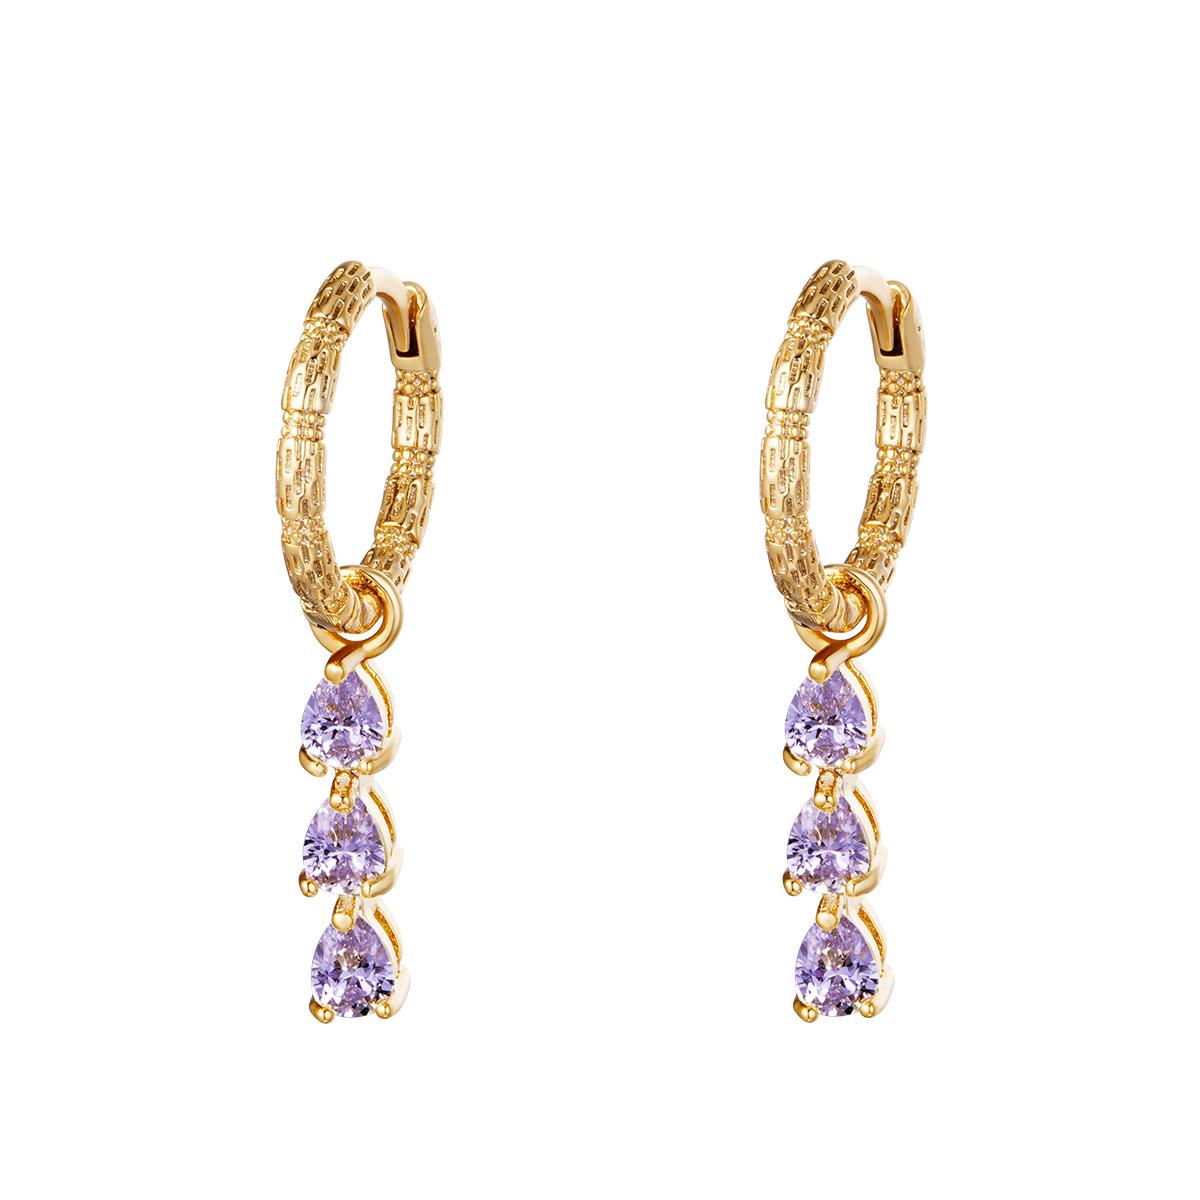 Oorbellen Diamonds In A Row